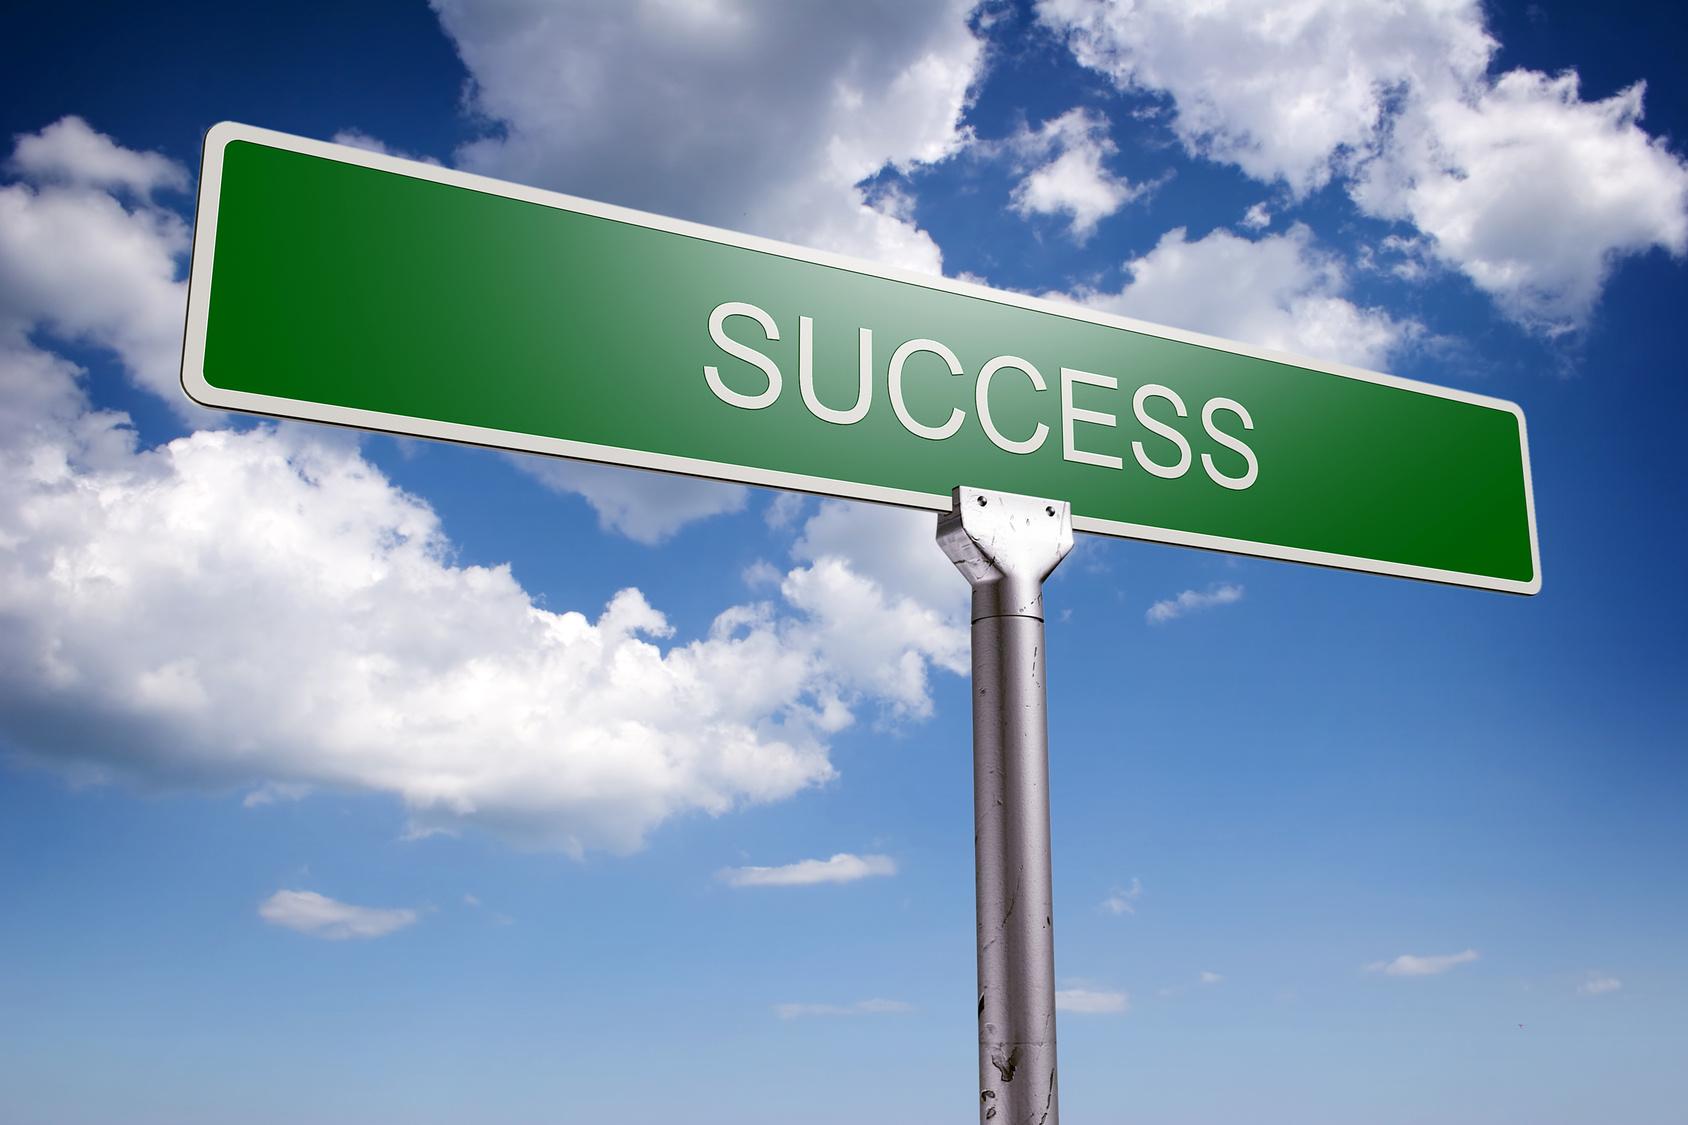 Ini Hal Yang Perlu Dipelajari Jika Ingin Sukses